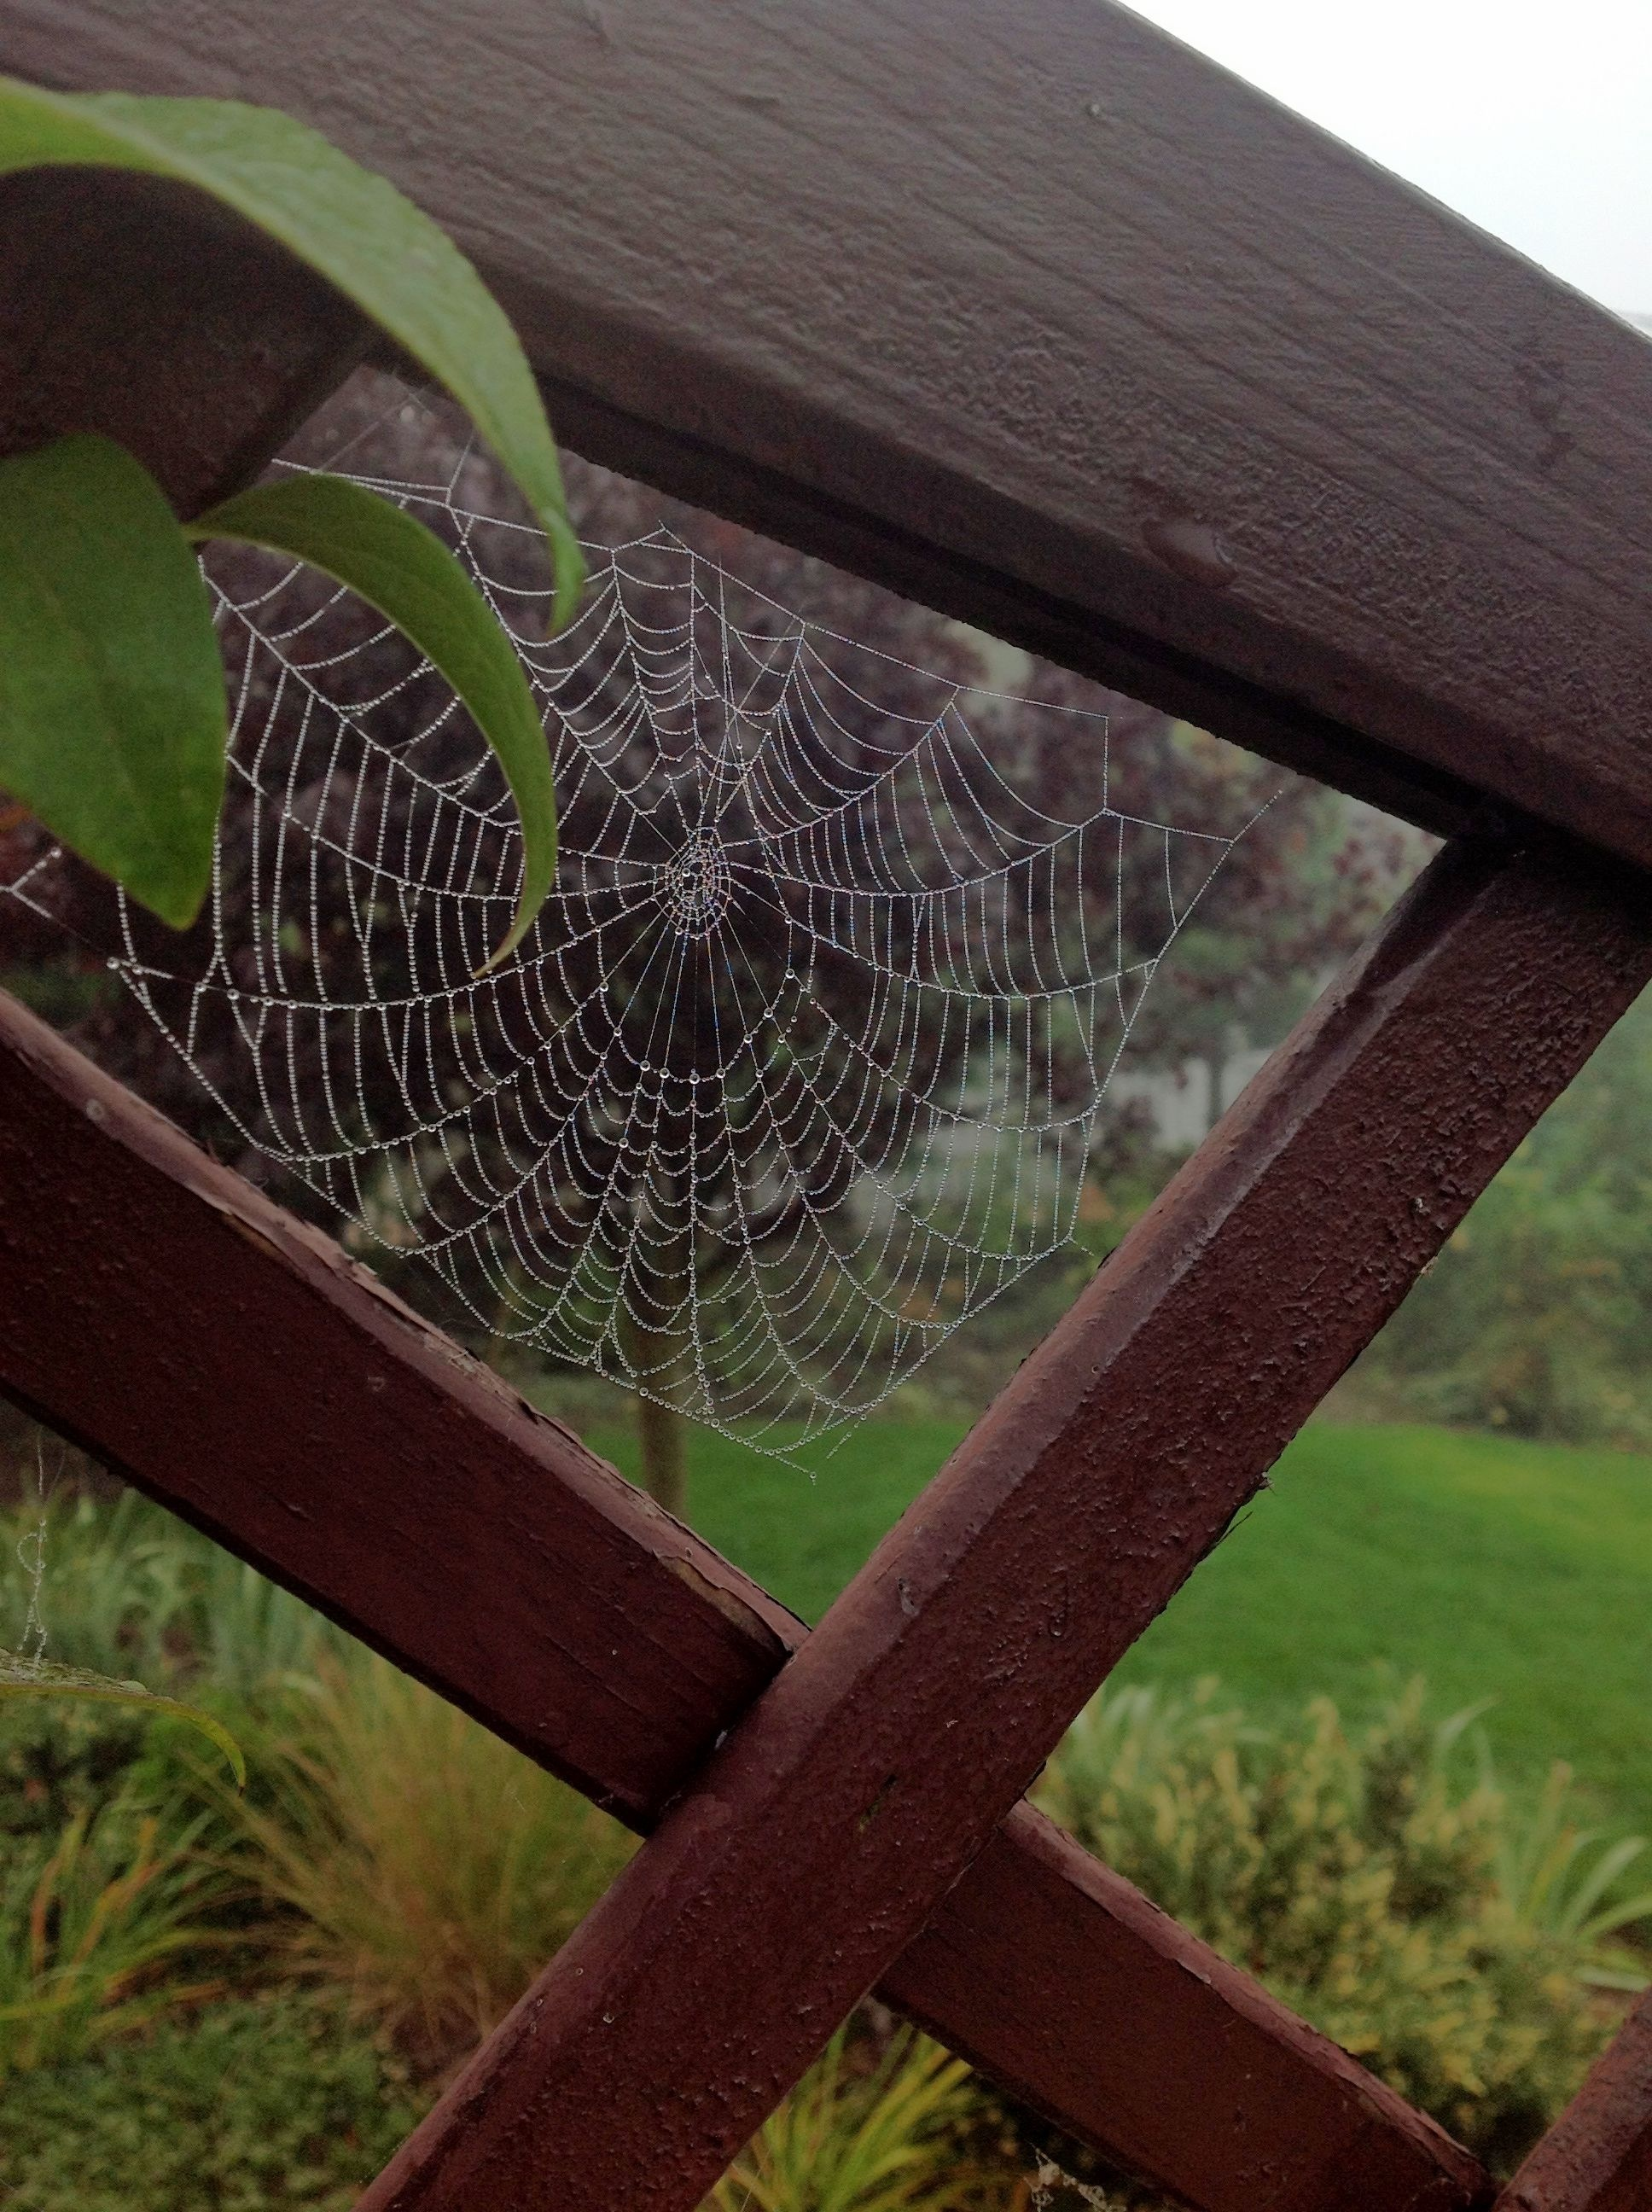 Misterne dzieło pająka